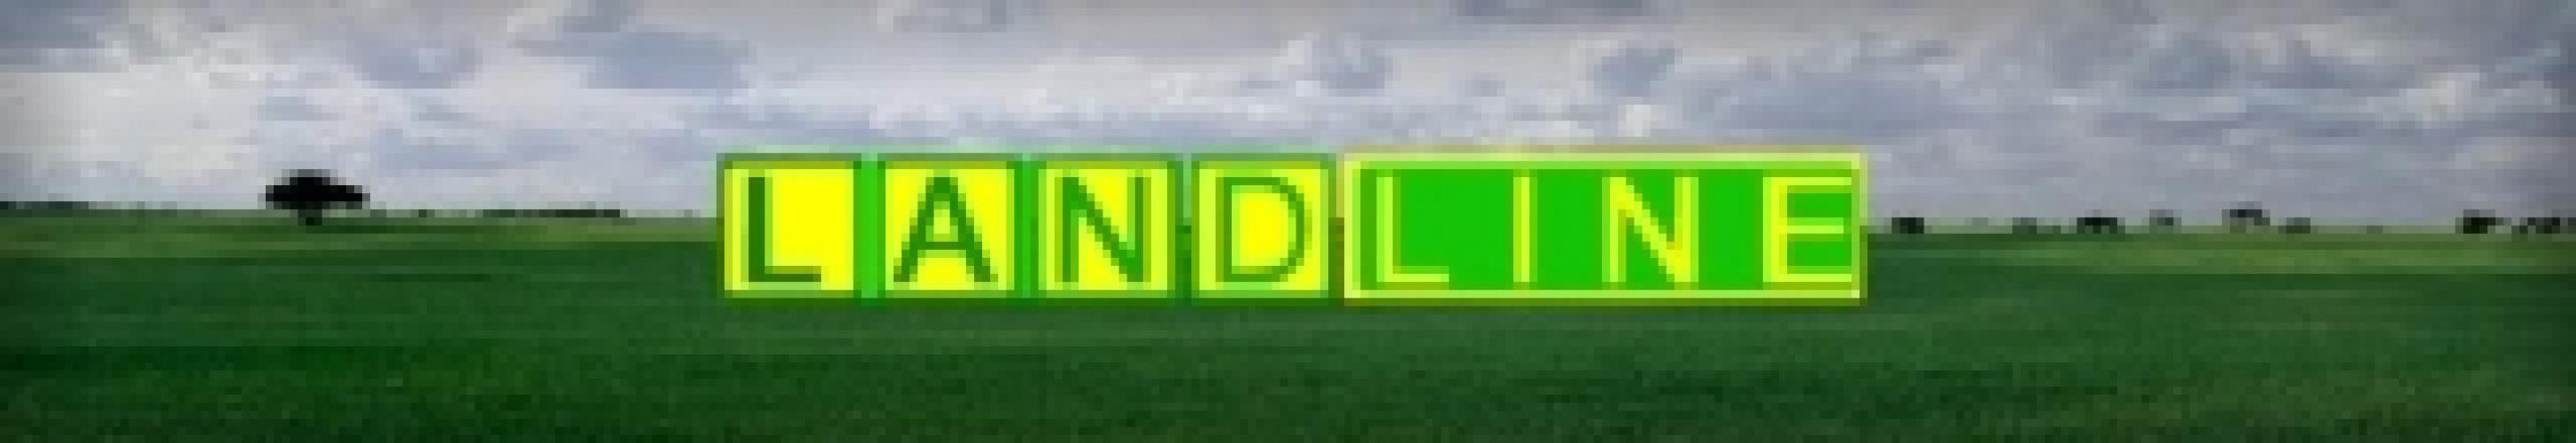 Landline next episode air date poster